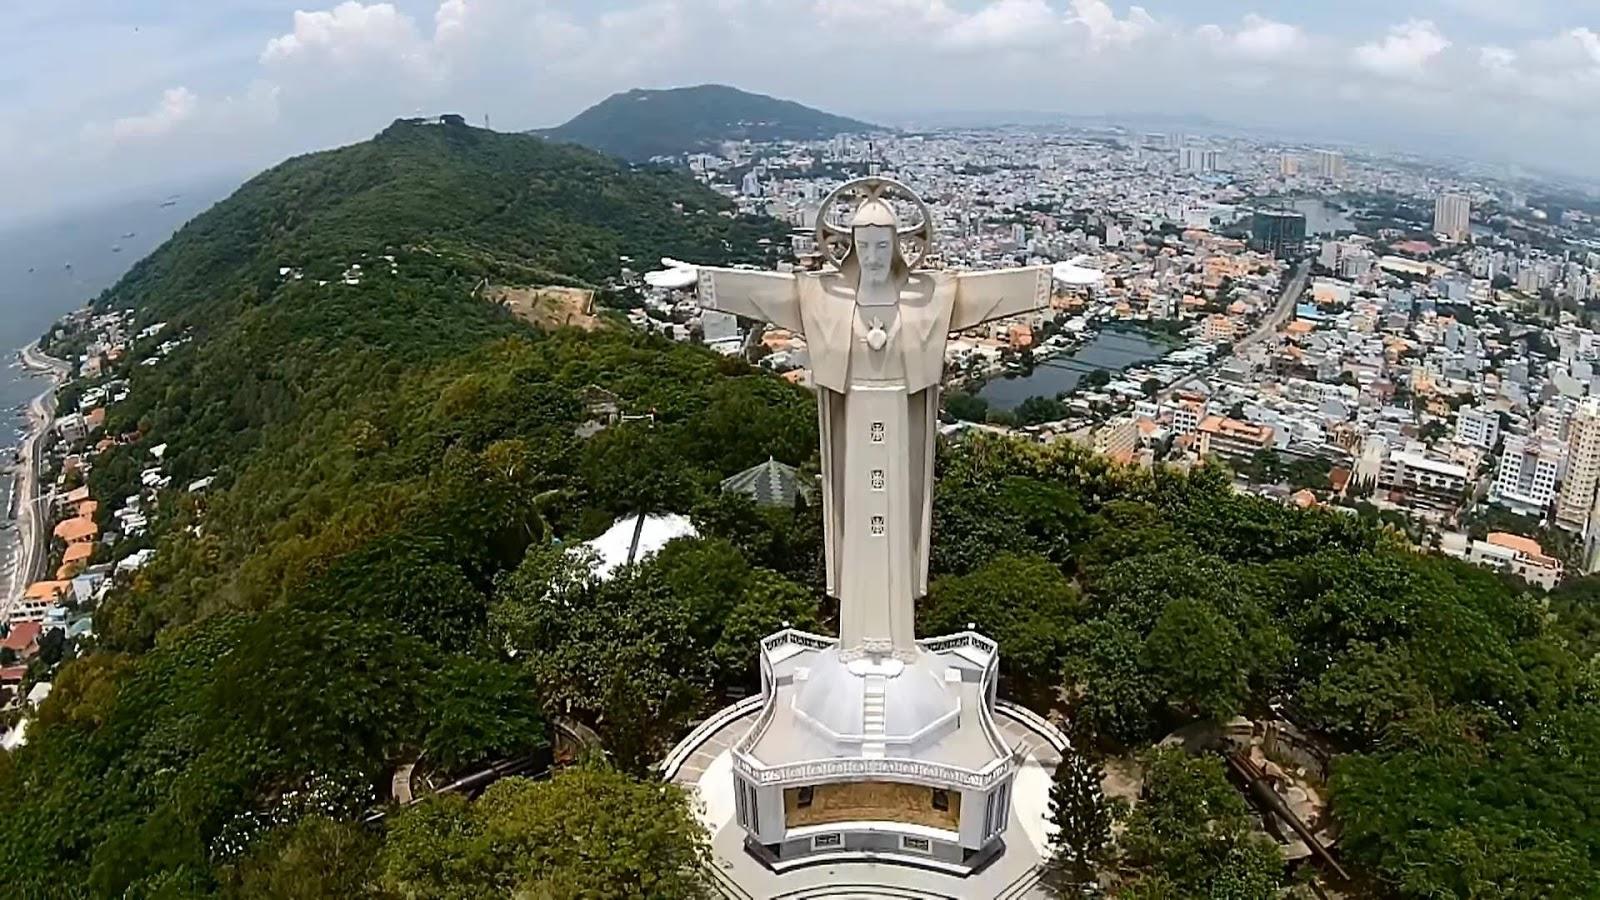 Thành phố Vũng Tàu là một trung tâm du lịch cực đẹp